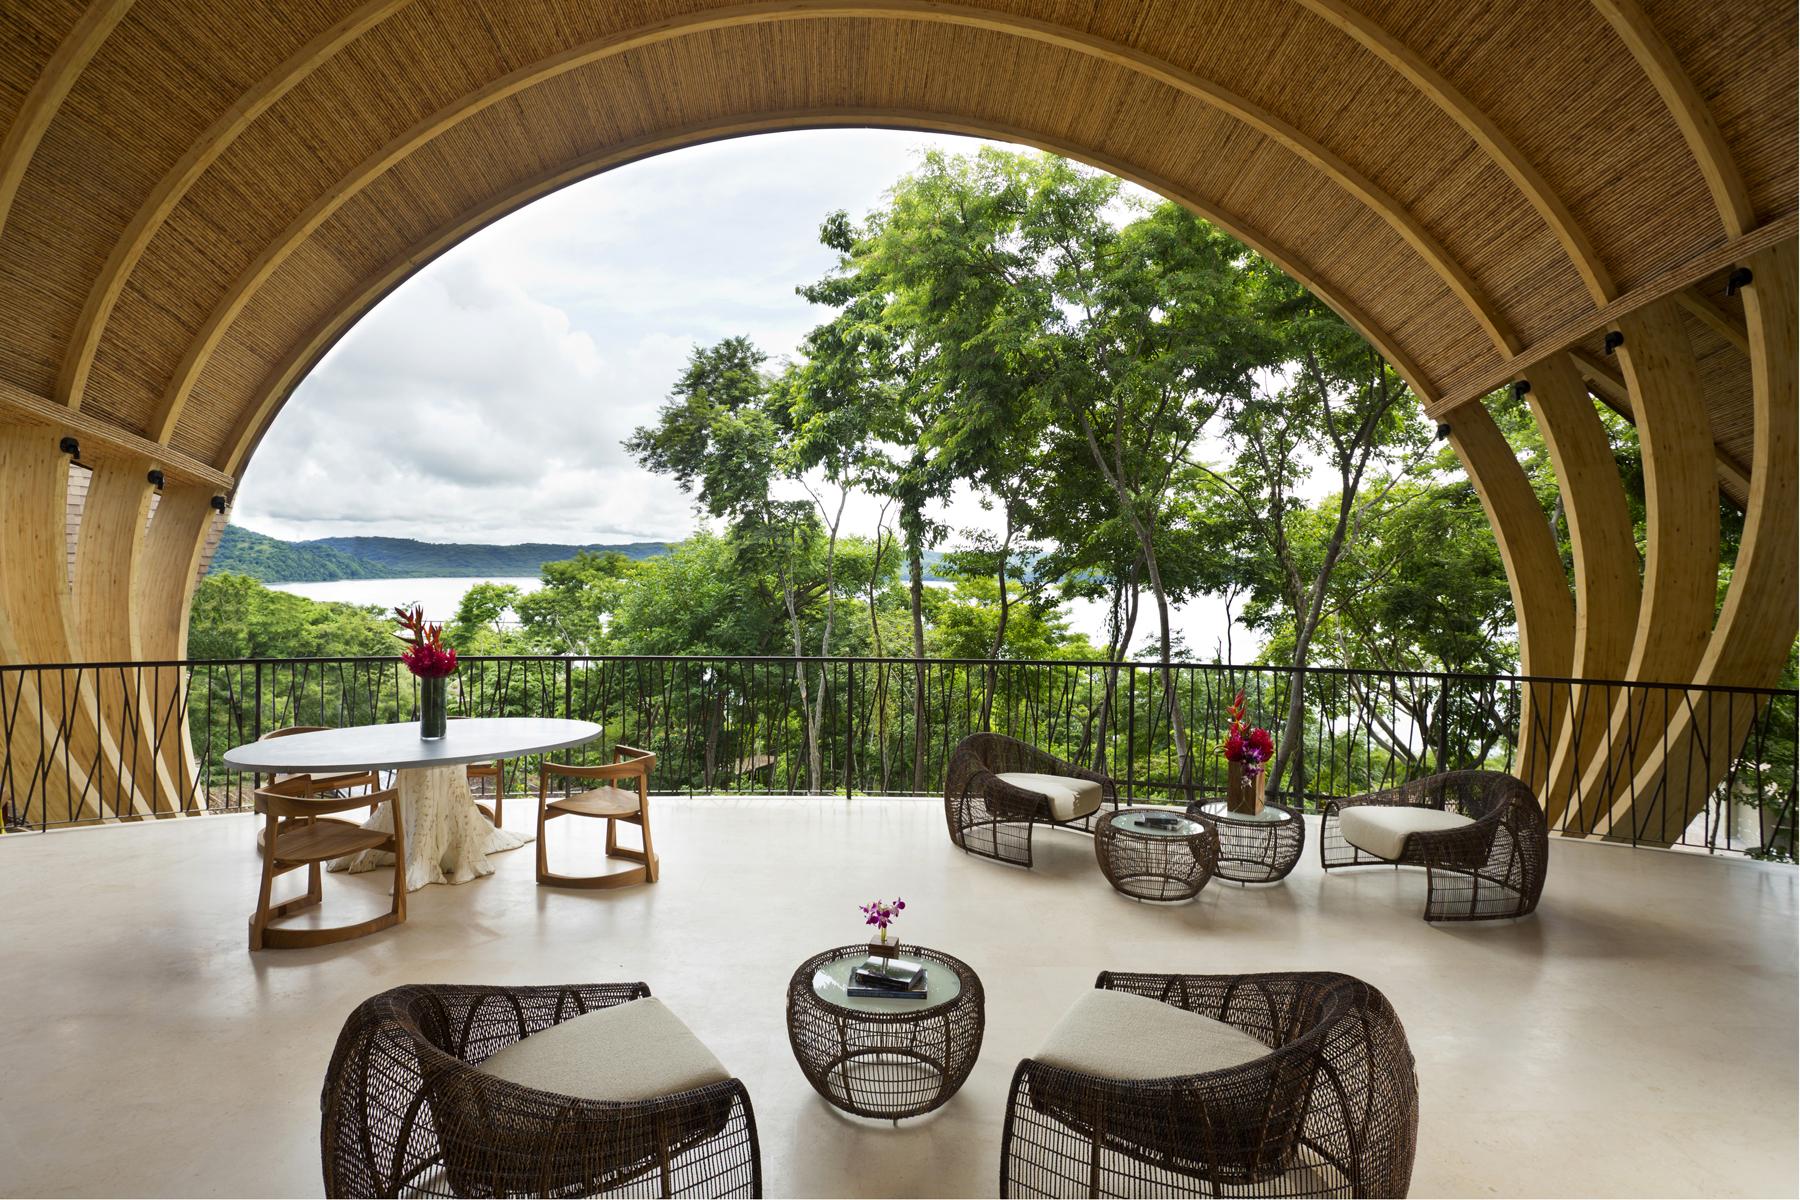 Discover the Pura Vida at Andaz Peninsula Papagayo